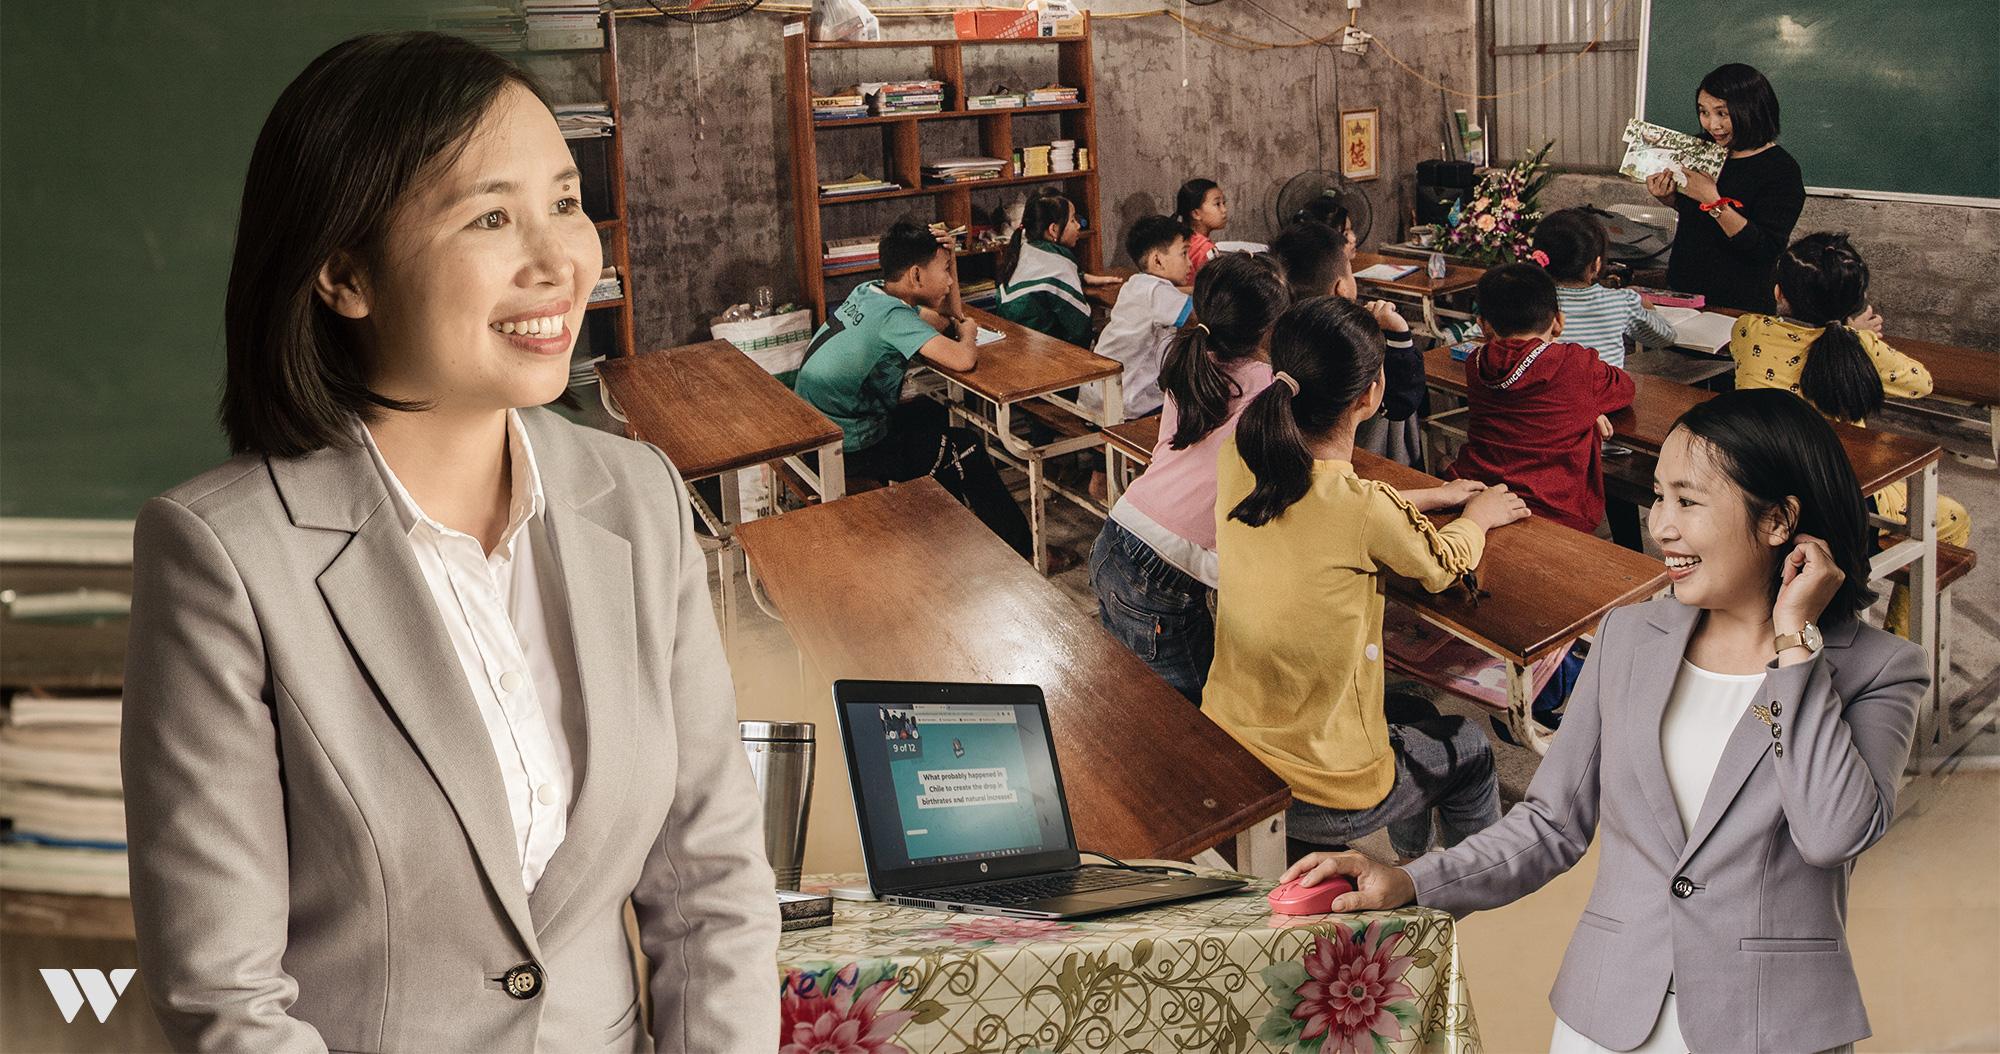 """Từ chối cơ hội lớn làm việc ở Canada, """"cô giáo Skype"""" trở về trường làng dạy học: """"Cô hạnh phúc thì trò mới hạnh phúc!"""" - Ảnh 6."""